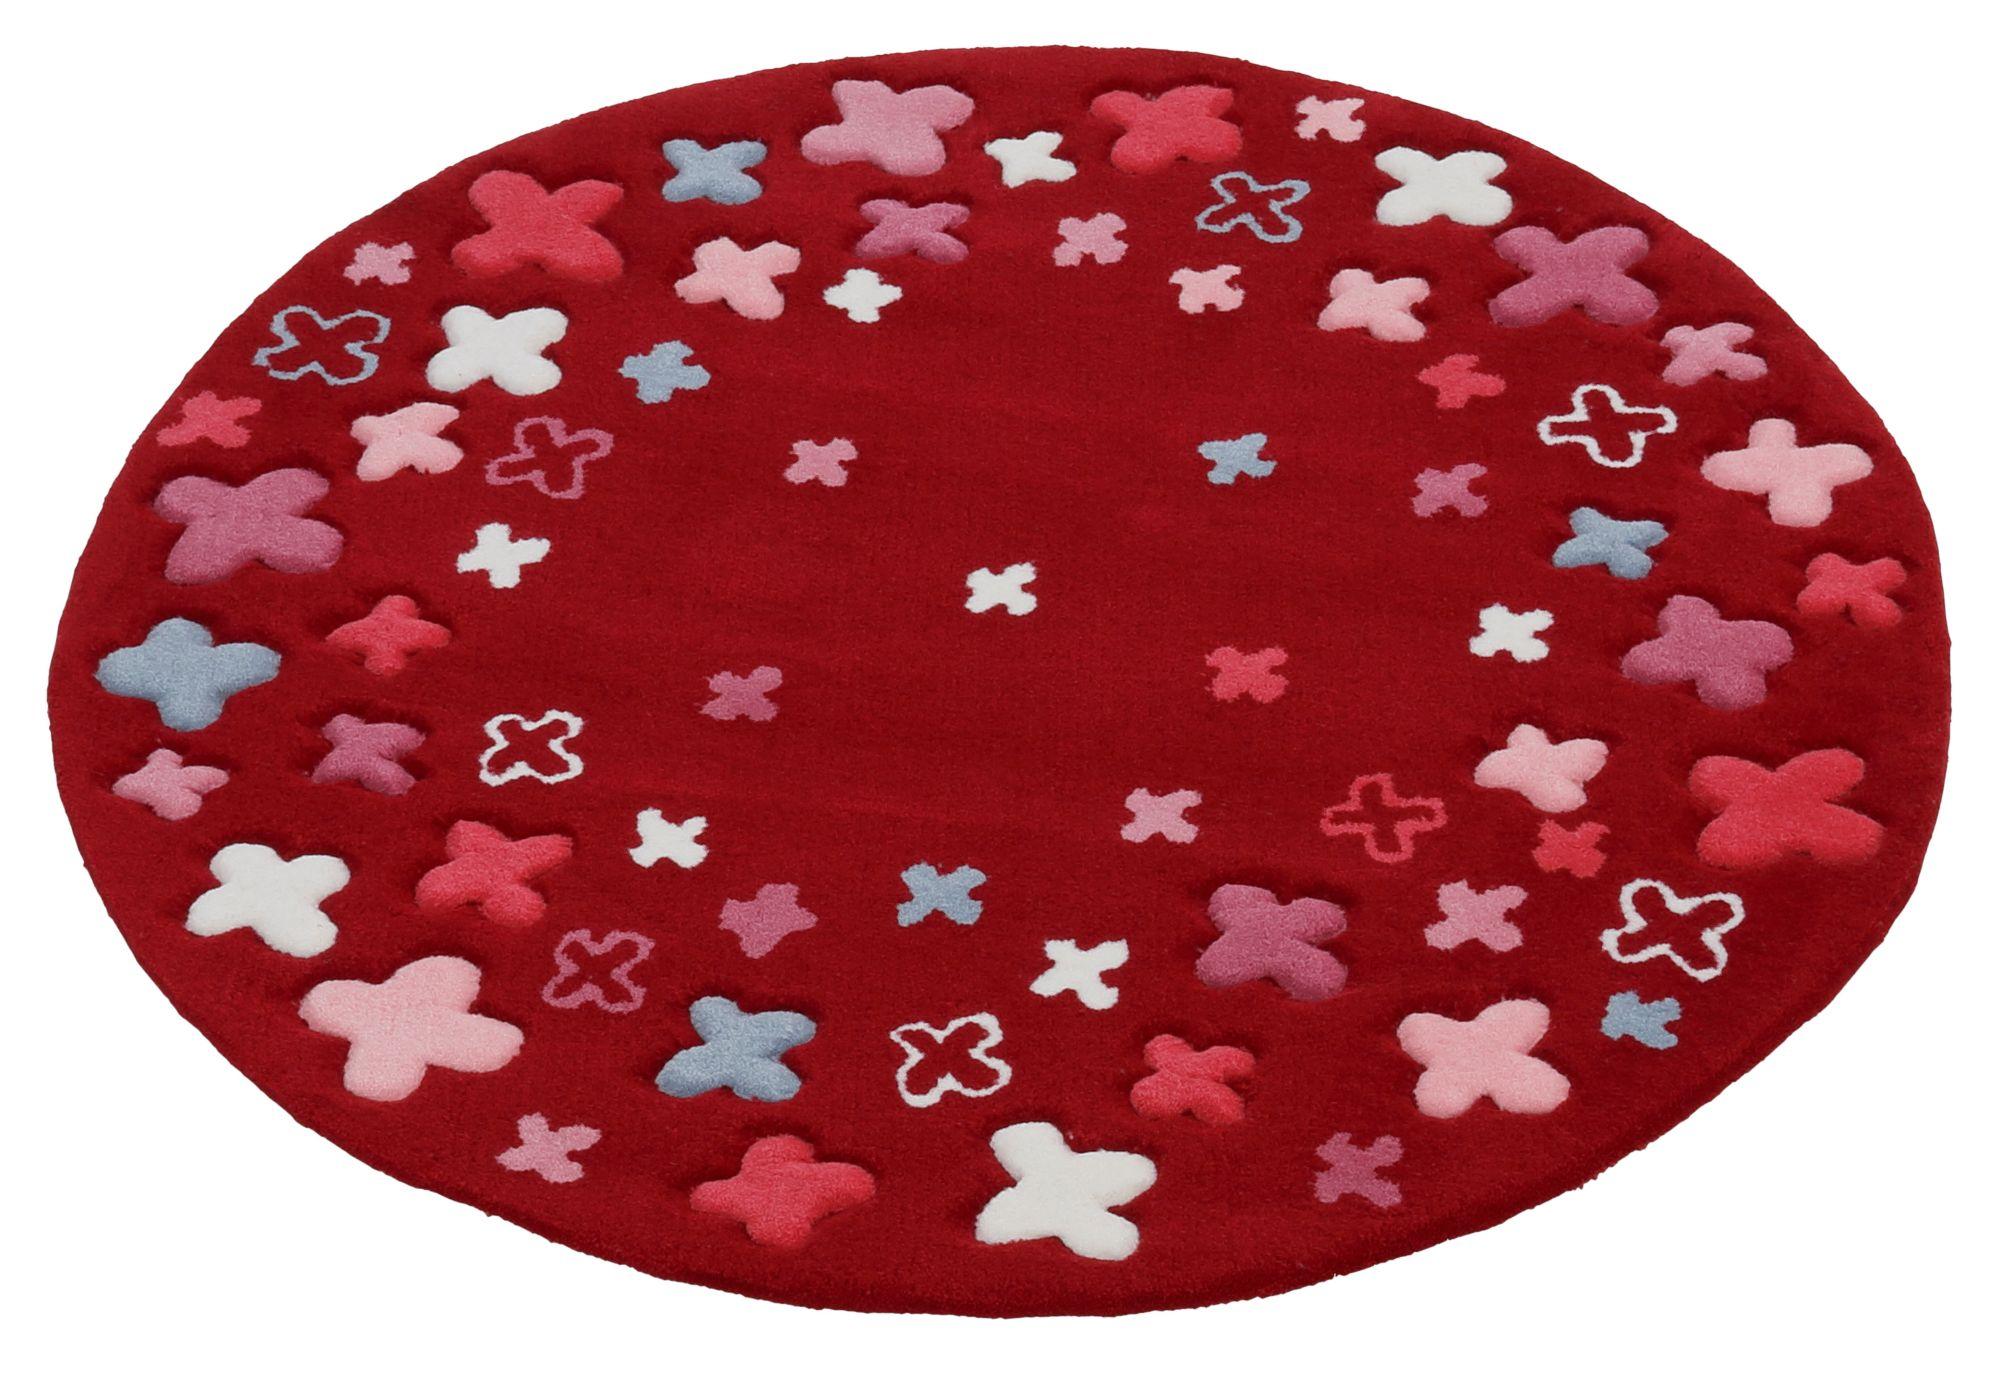 Kinder-Teppich, Esprit, »Bloom Field«, handgetuftet